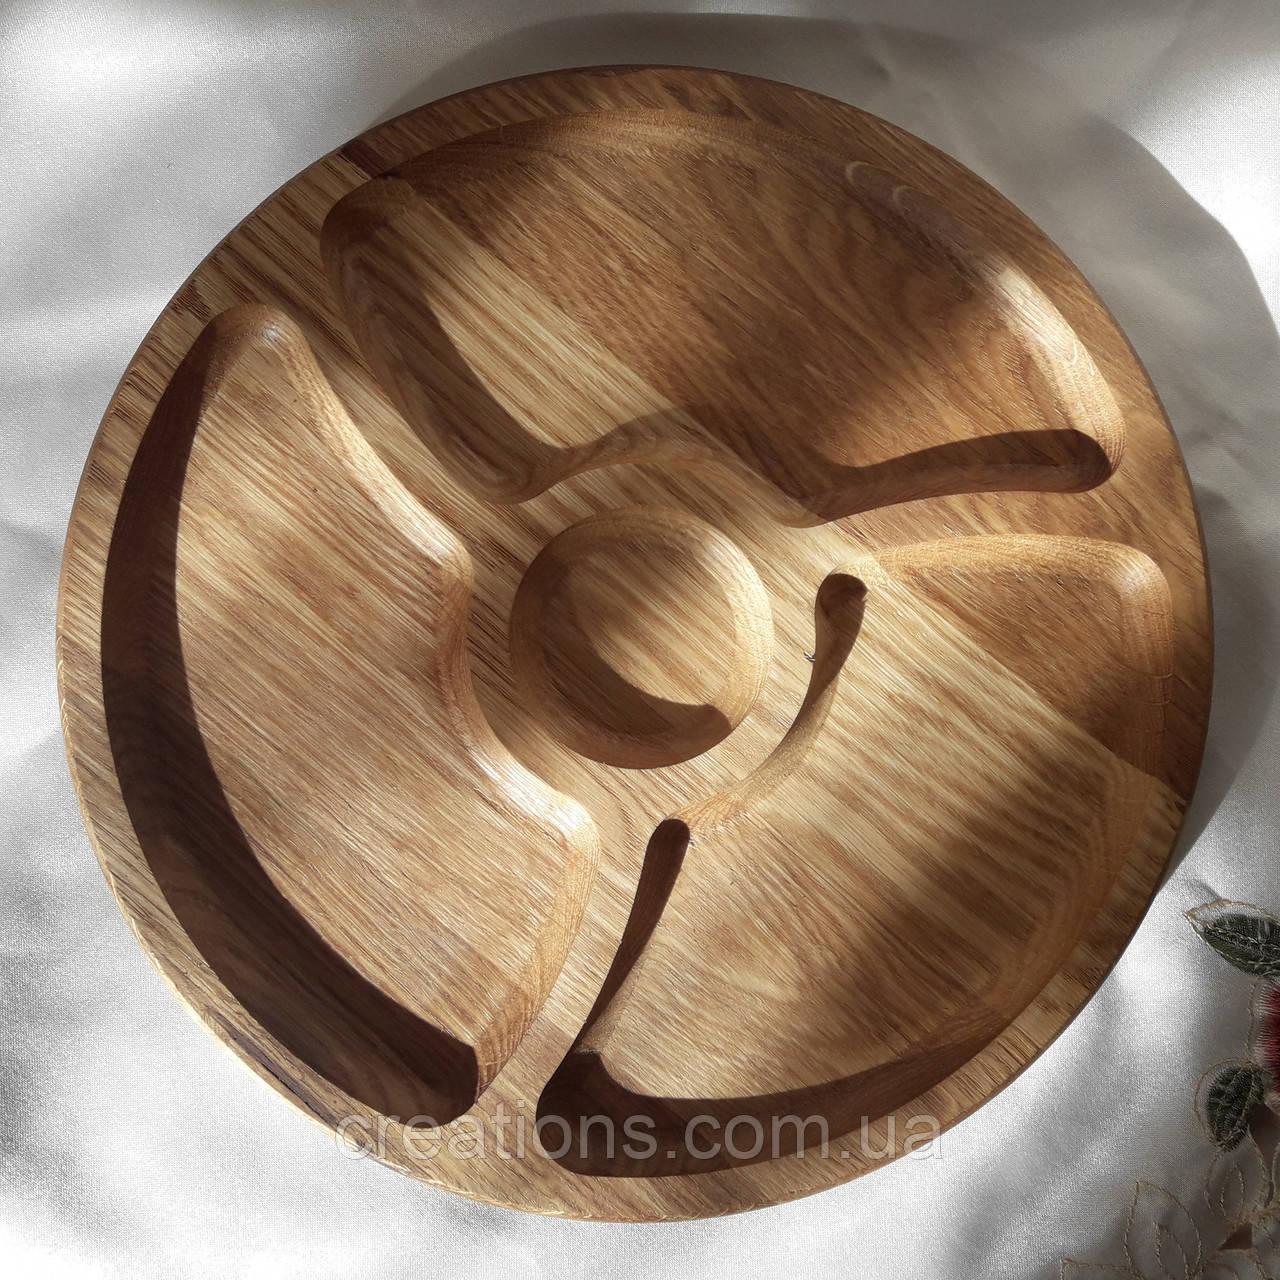 Менажница деревянная доска для подачи блюд 35 см. круглая на 3 деления с соусницей из дуба двусторонняя